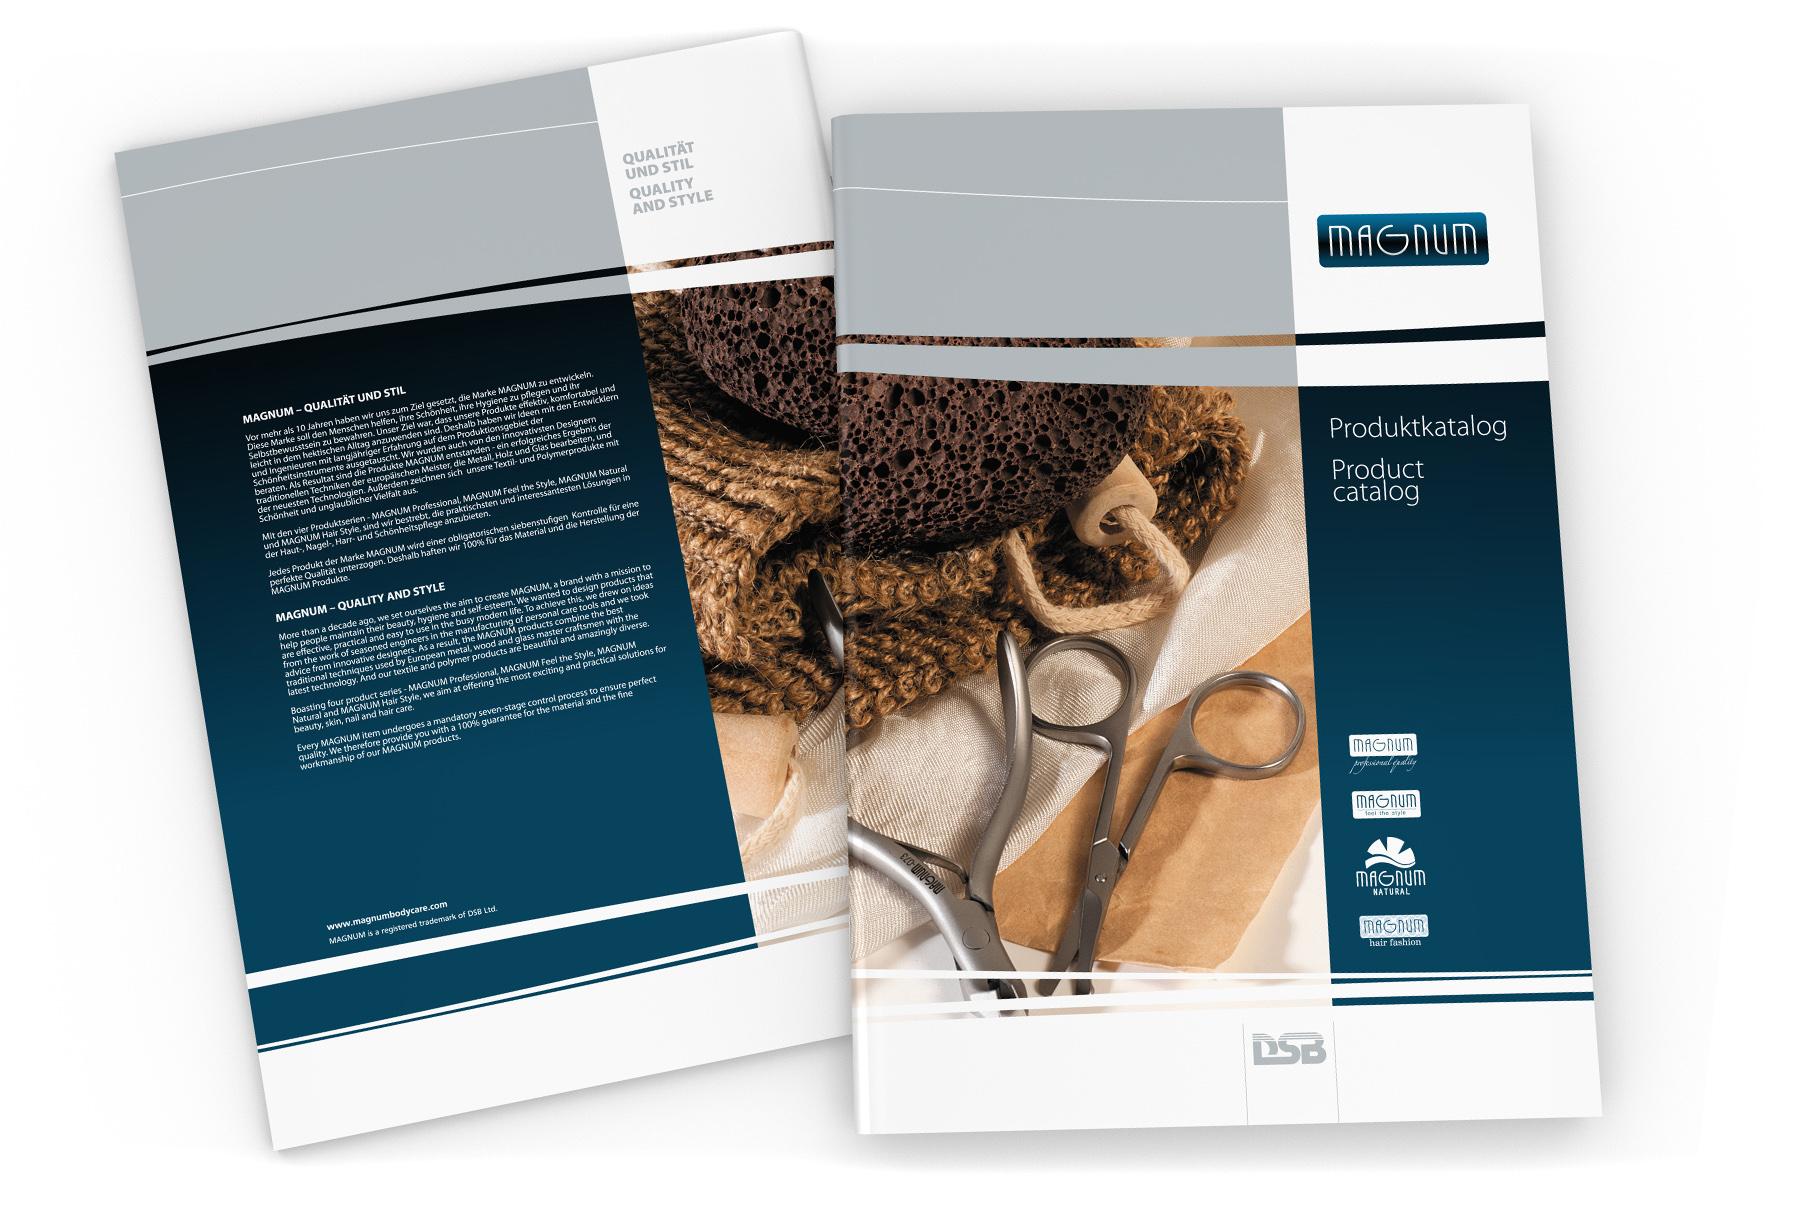 Продуктовые каталоги. Графический дизайн и фотография.Клиент: ДСБ